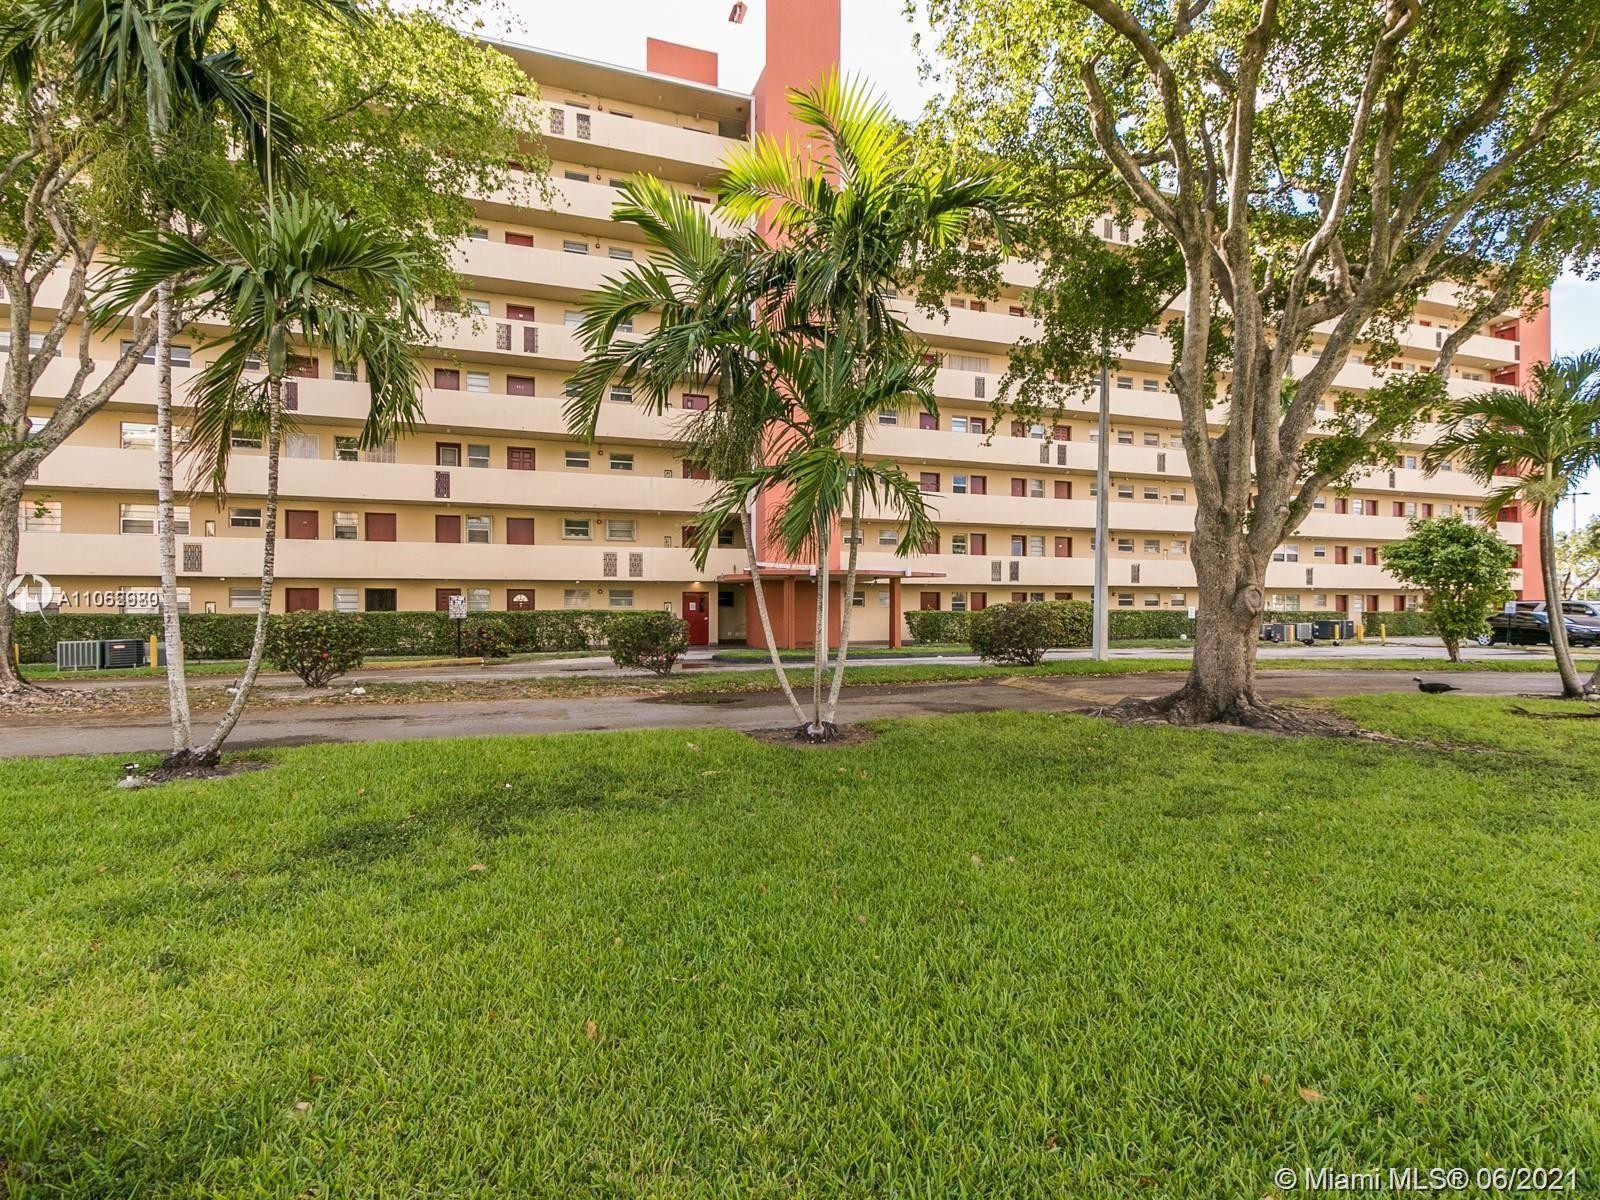 1770 NE 191st St #104-1, Miami, FL 33179 - #: A11062980